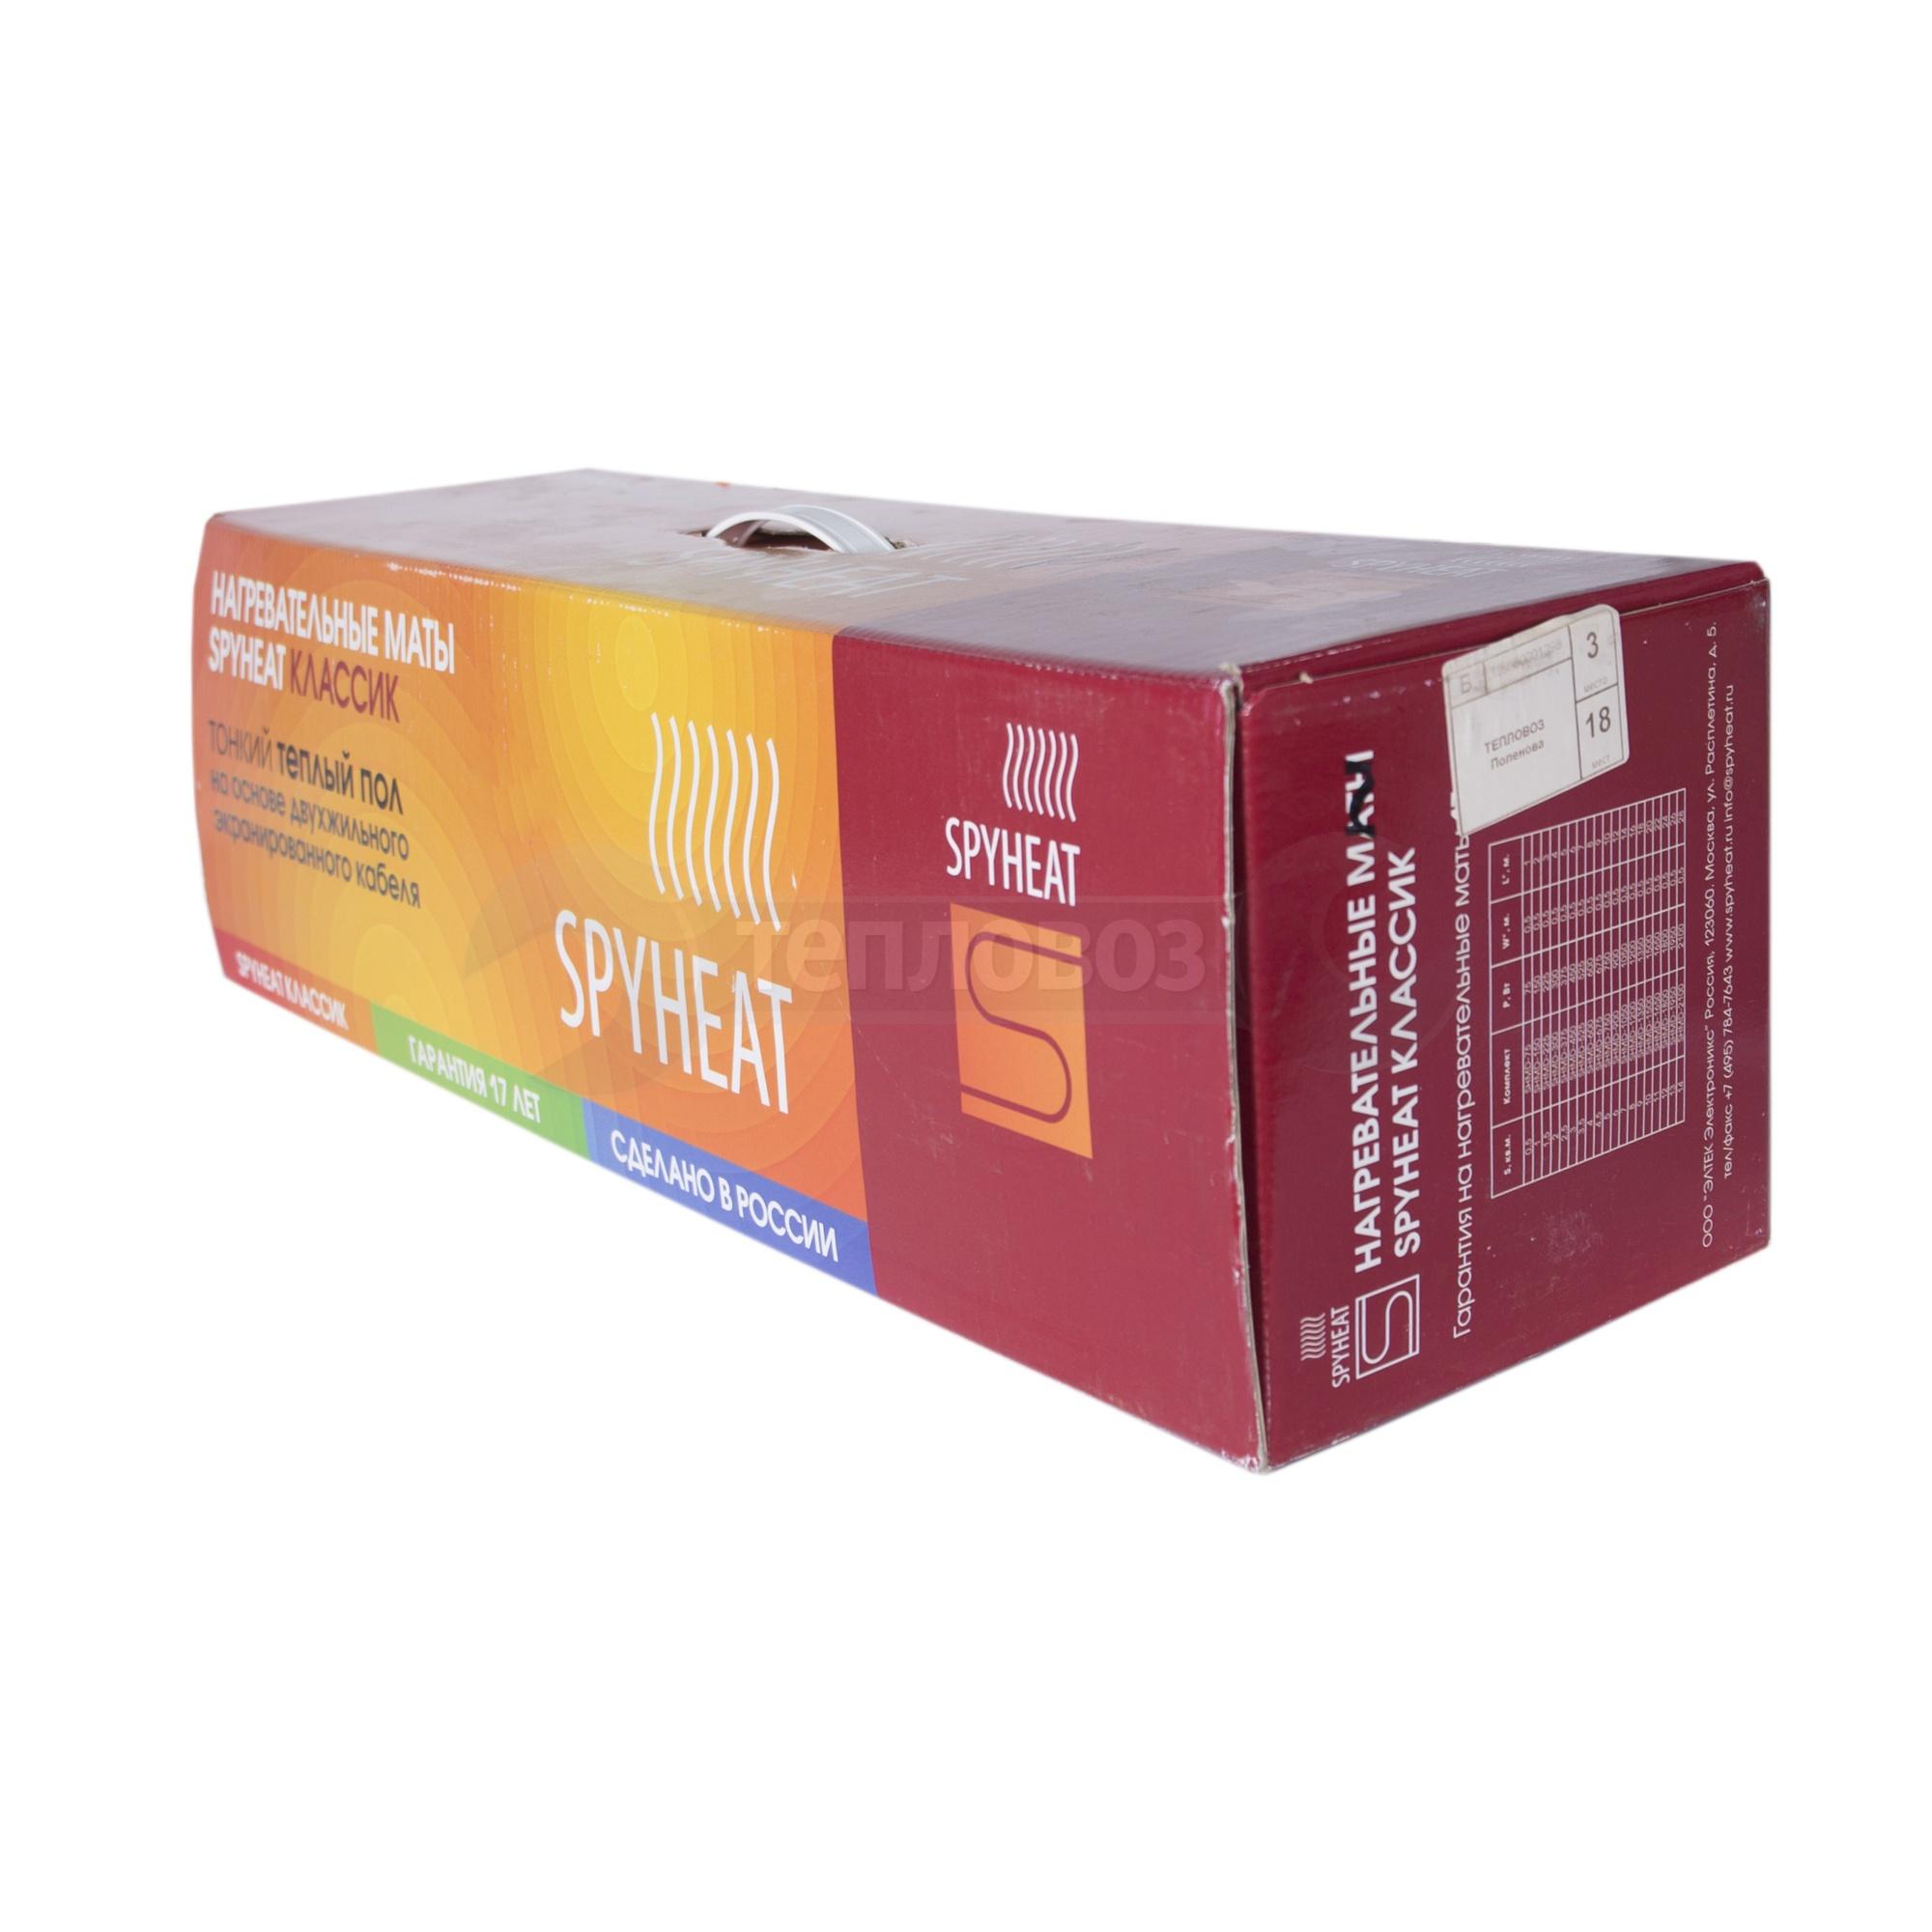 Spyheat Shмd - 8-450